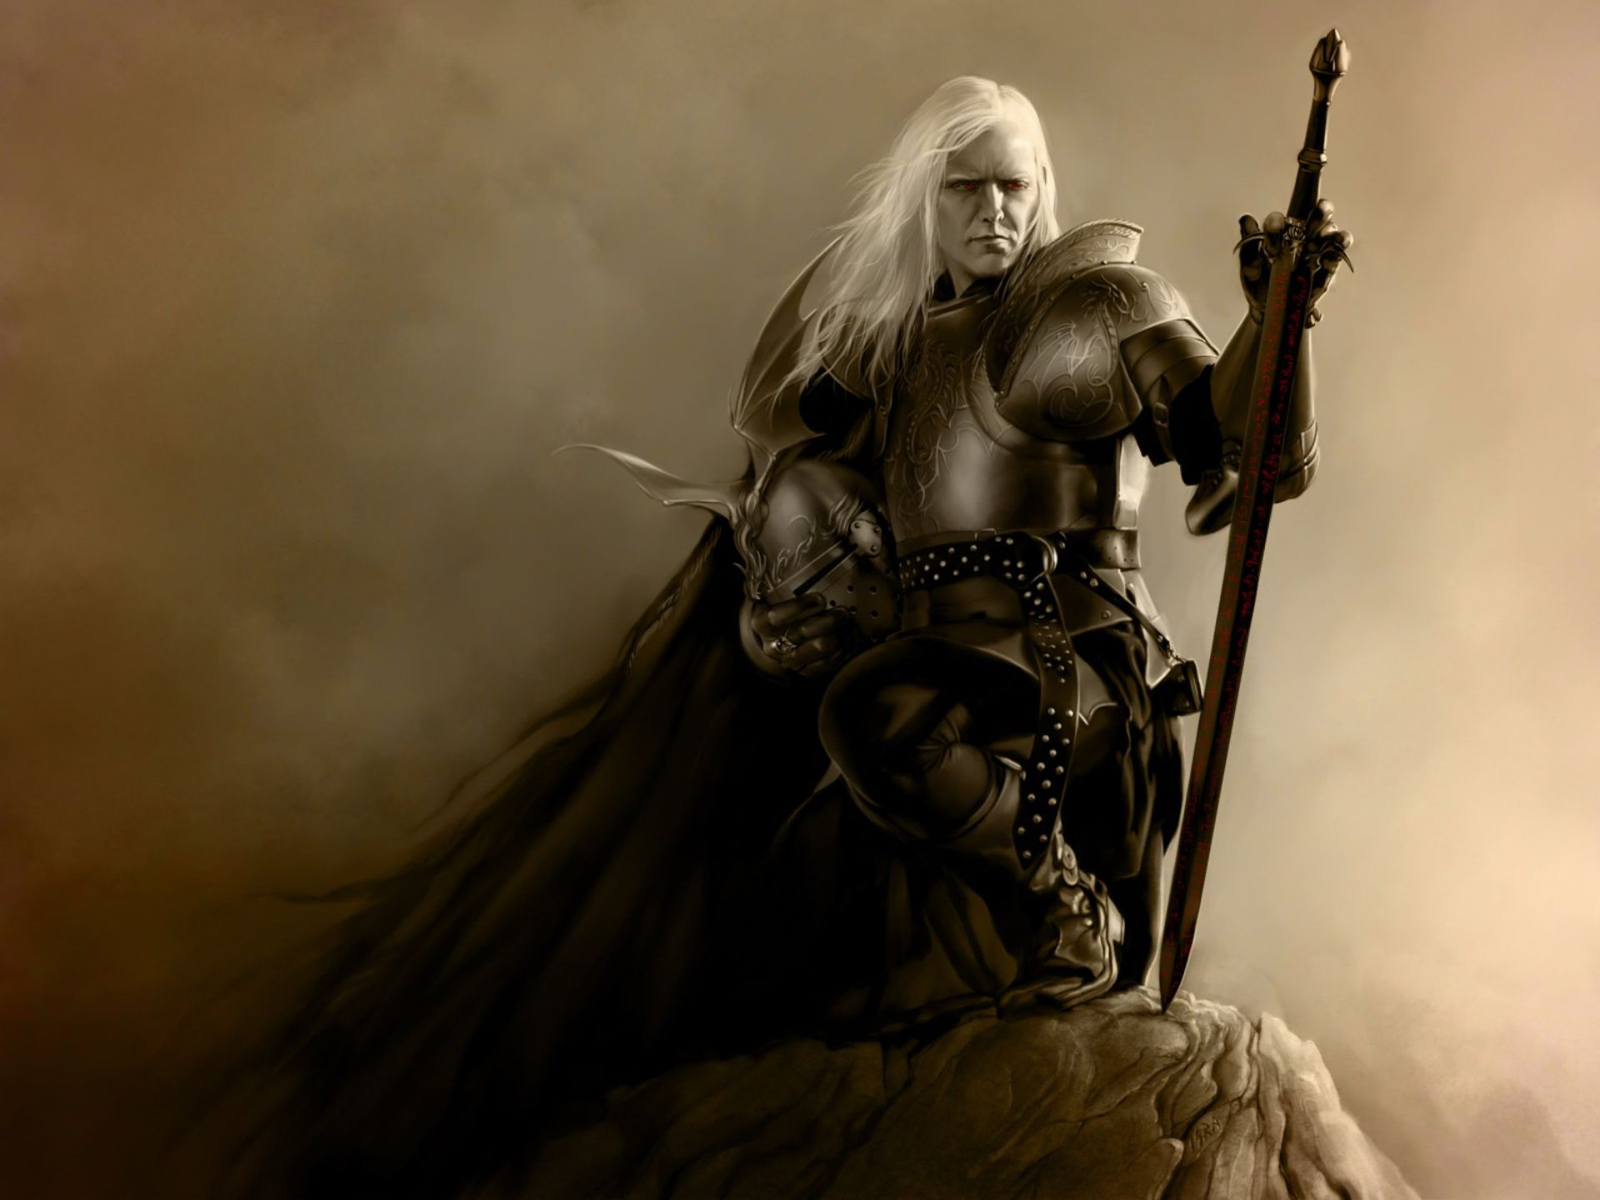 Dark Elf Warrior 1600x1200